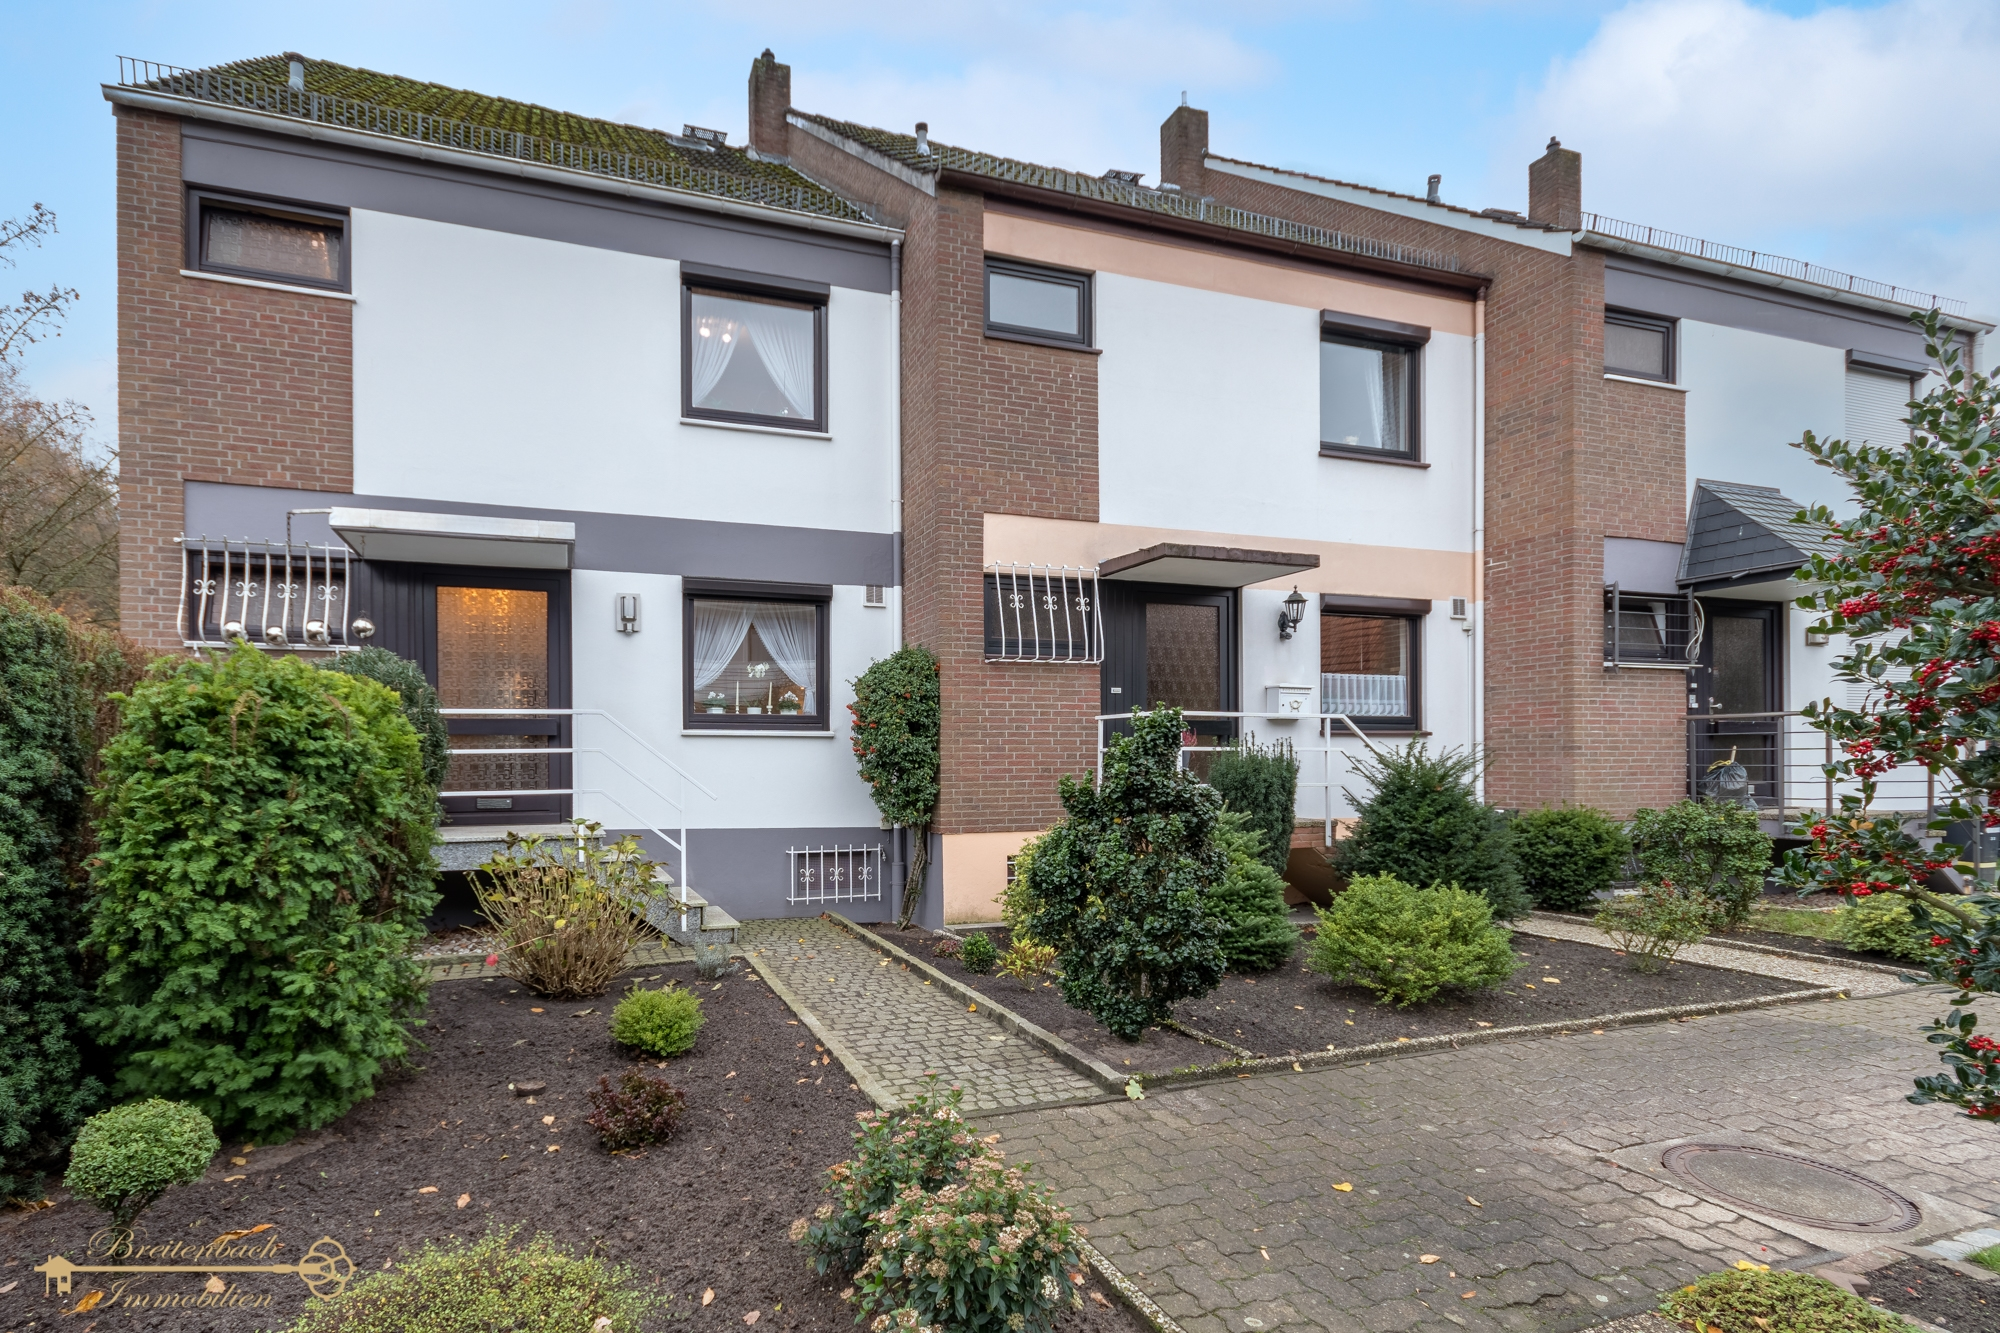 2020-11-21-Breitenbach-Immobilien-2